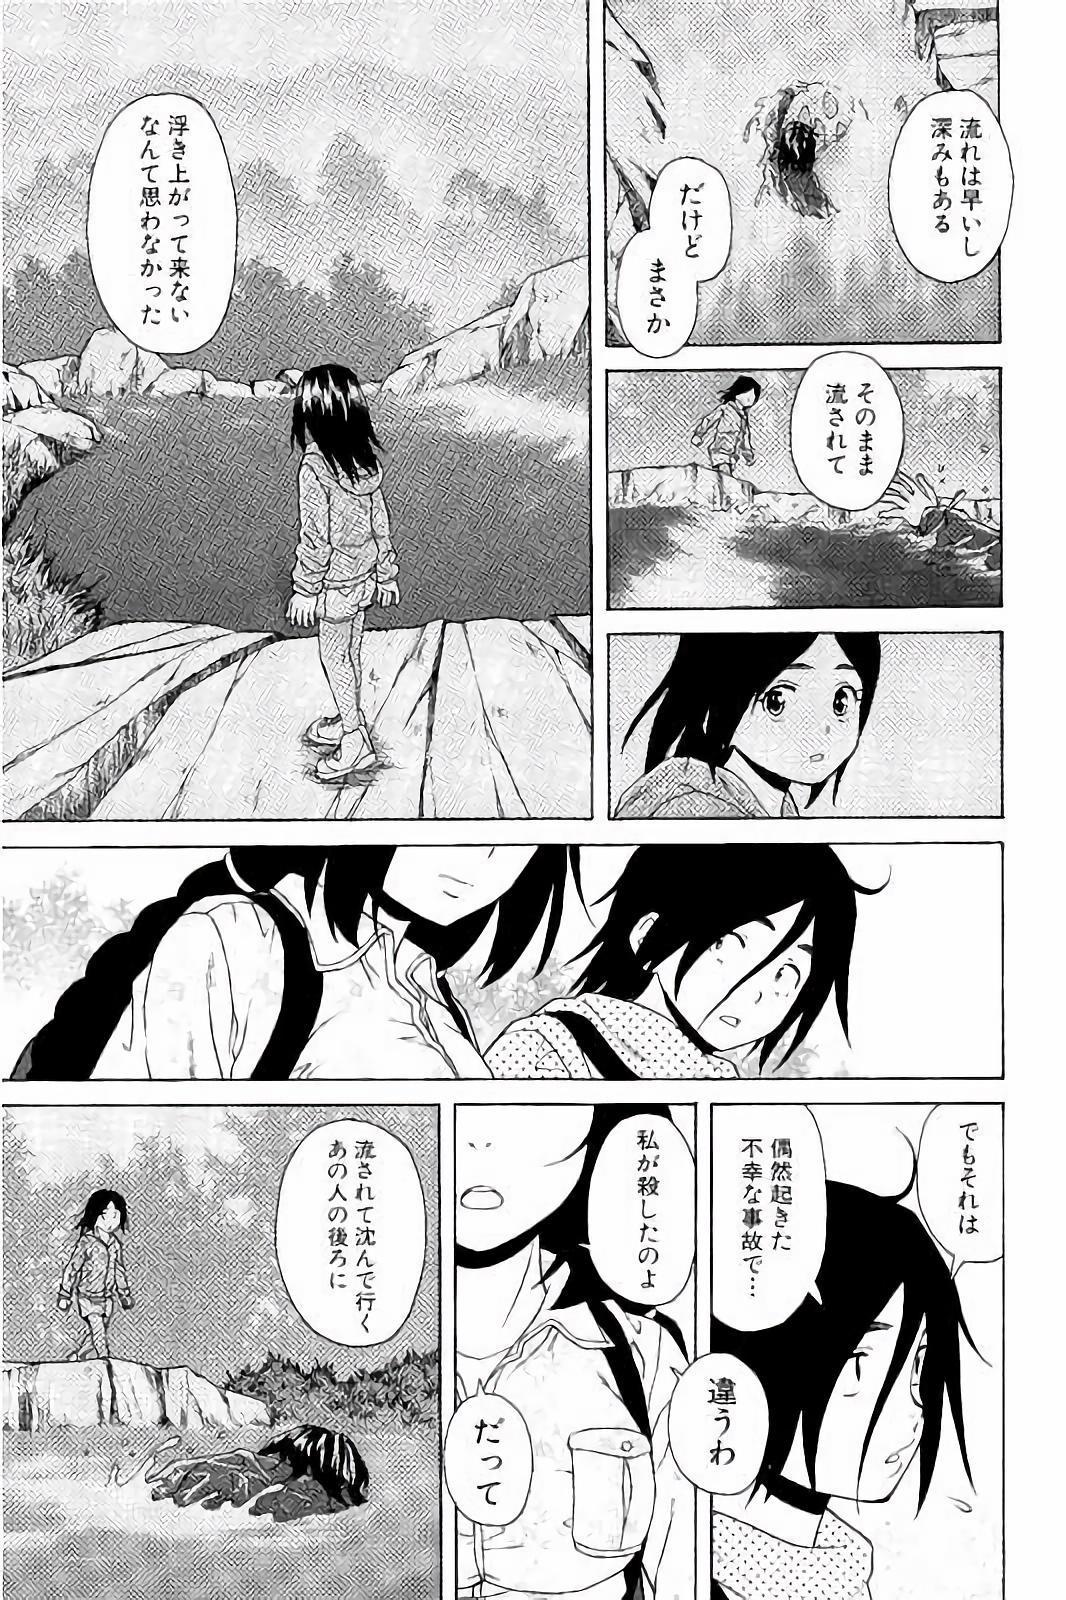 Ane no Himitsu To Boku no Jisatsu 104